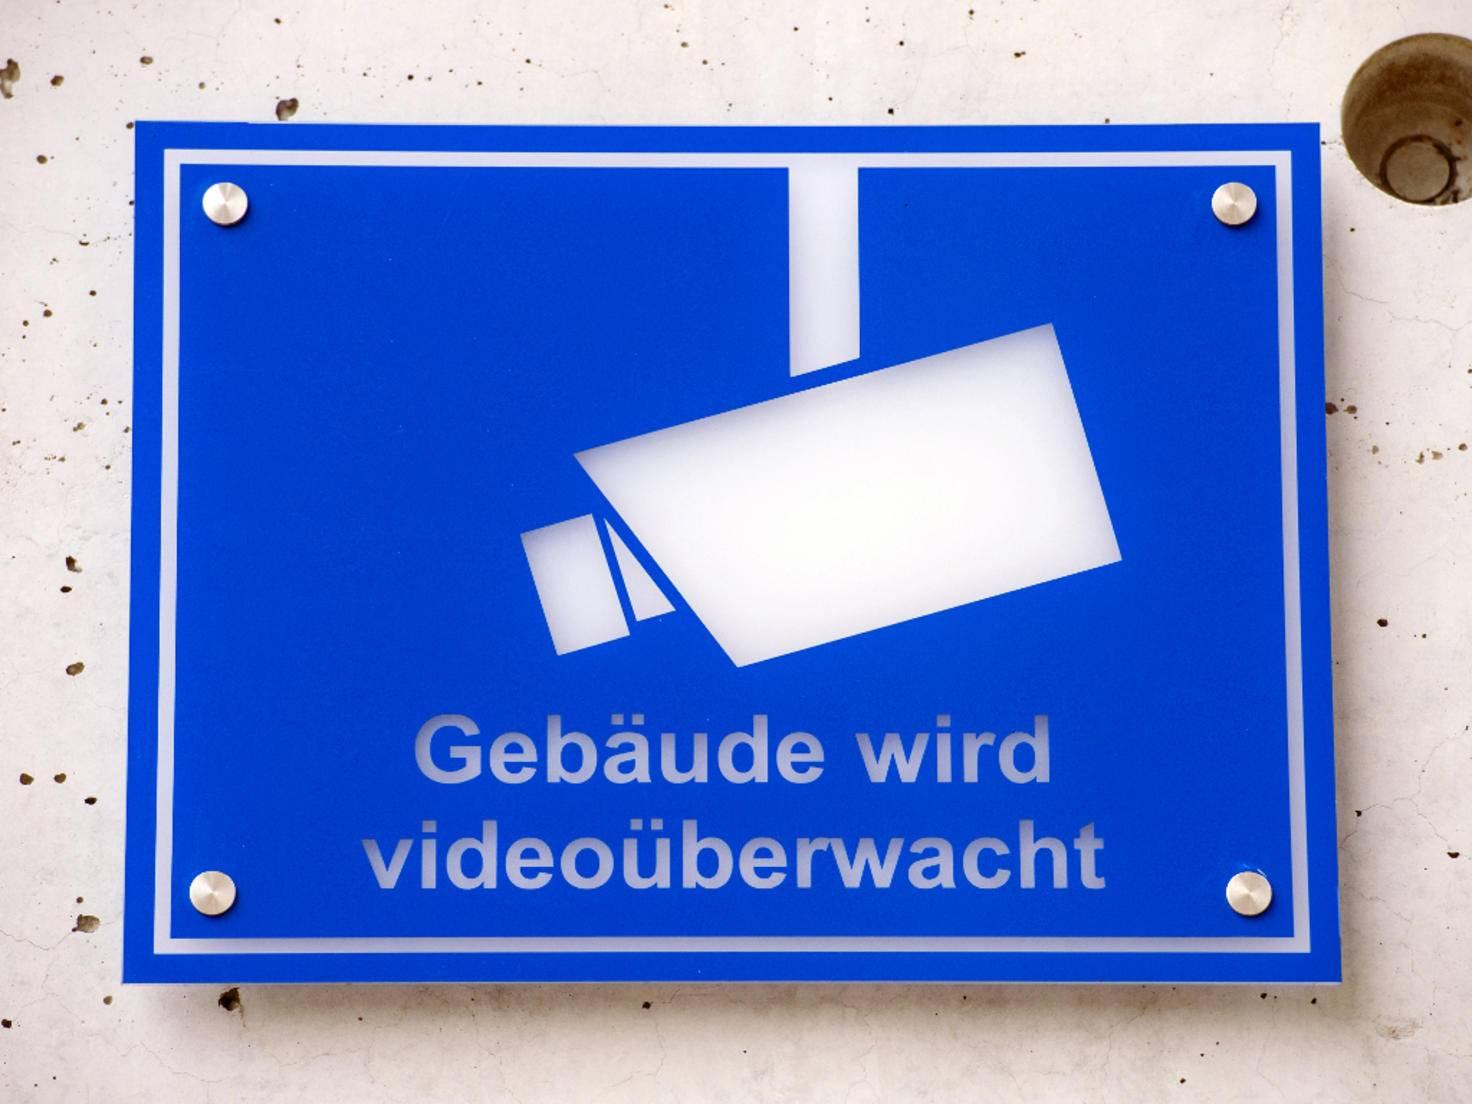 Warnung für Videoüberwachung